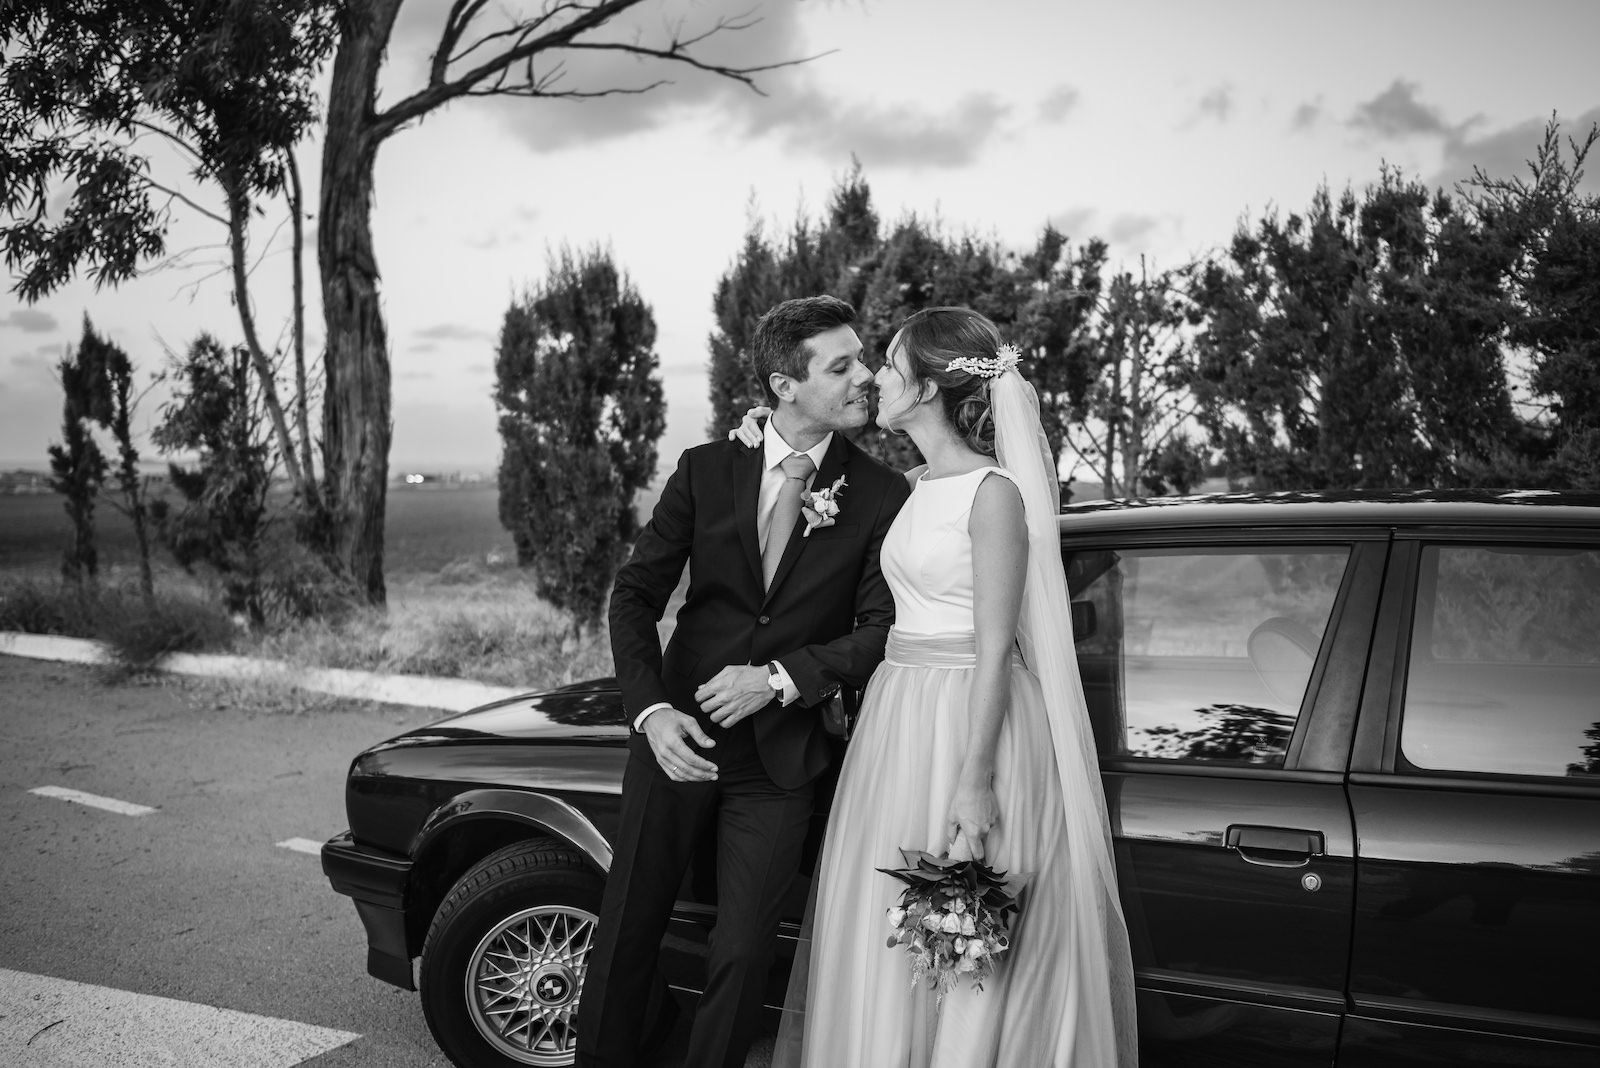 fotografia de boda llegada a la iglesia en coche murcia